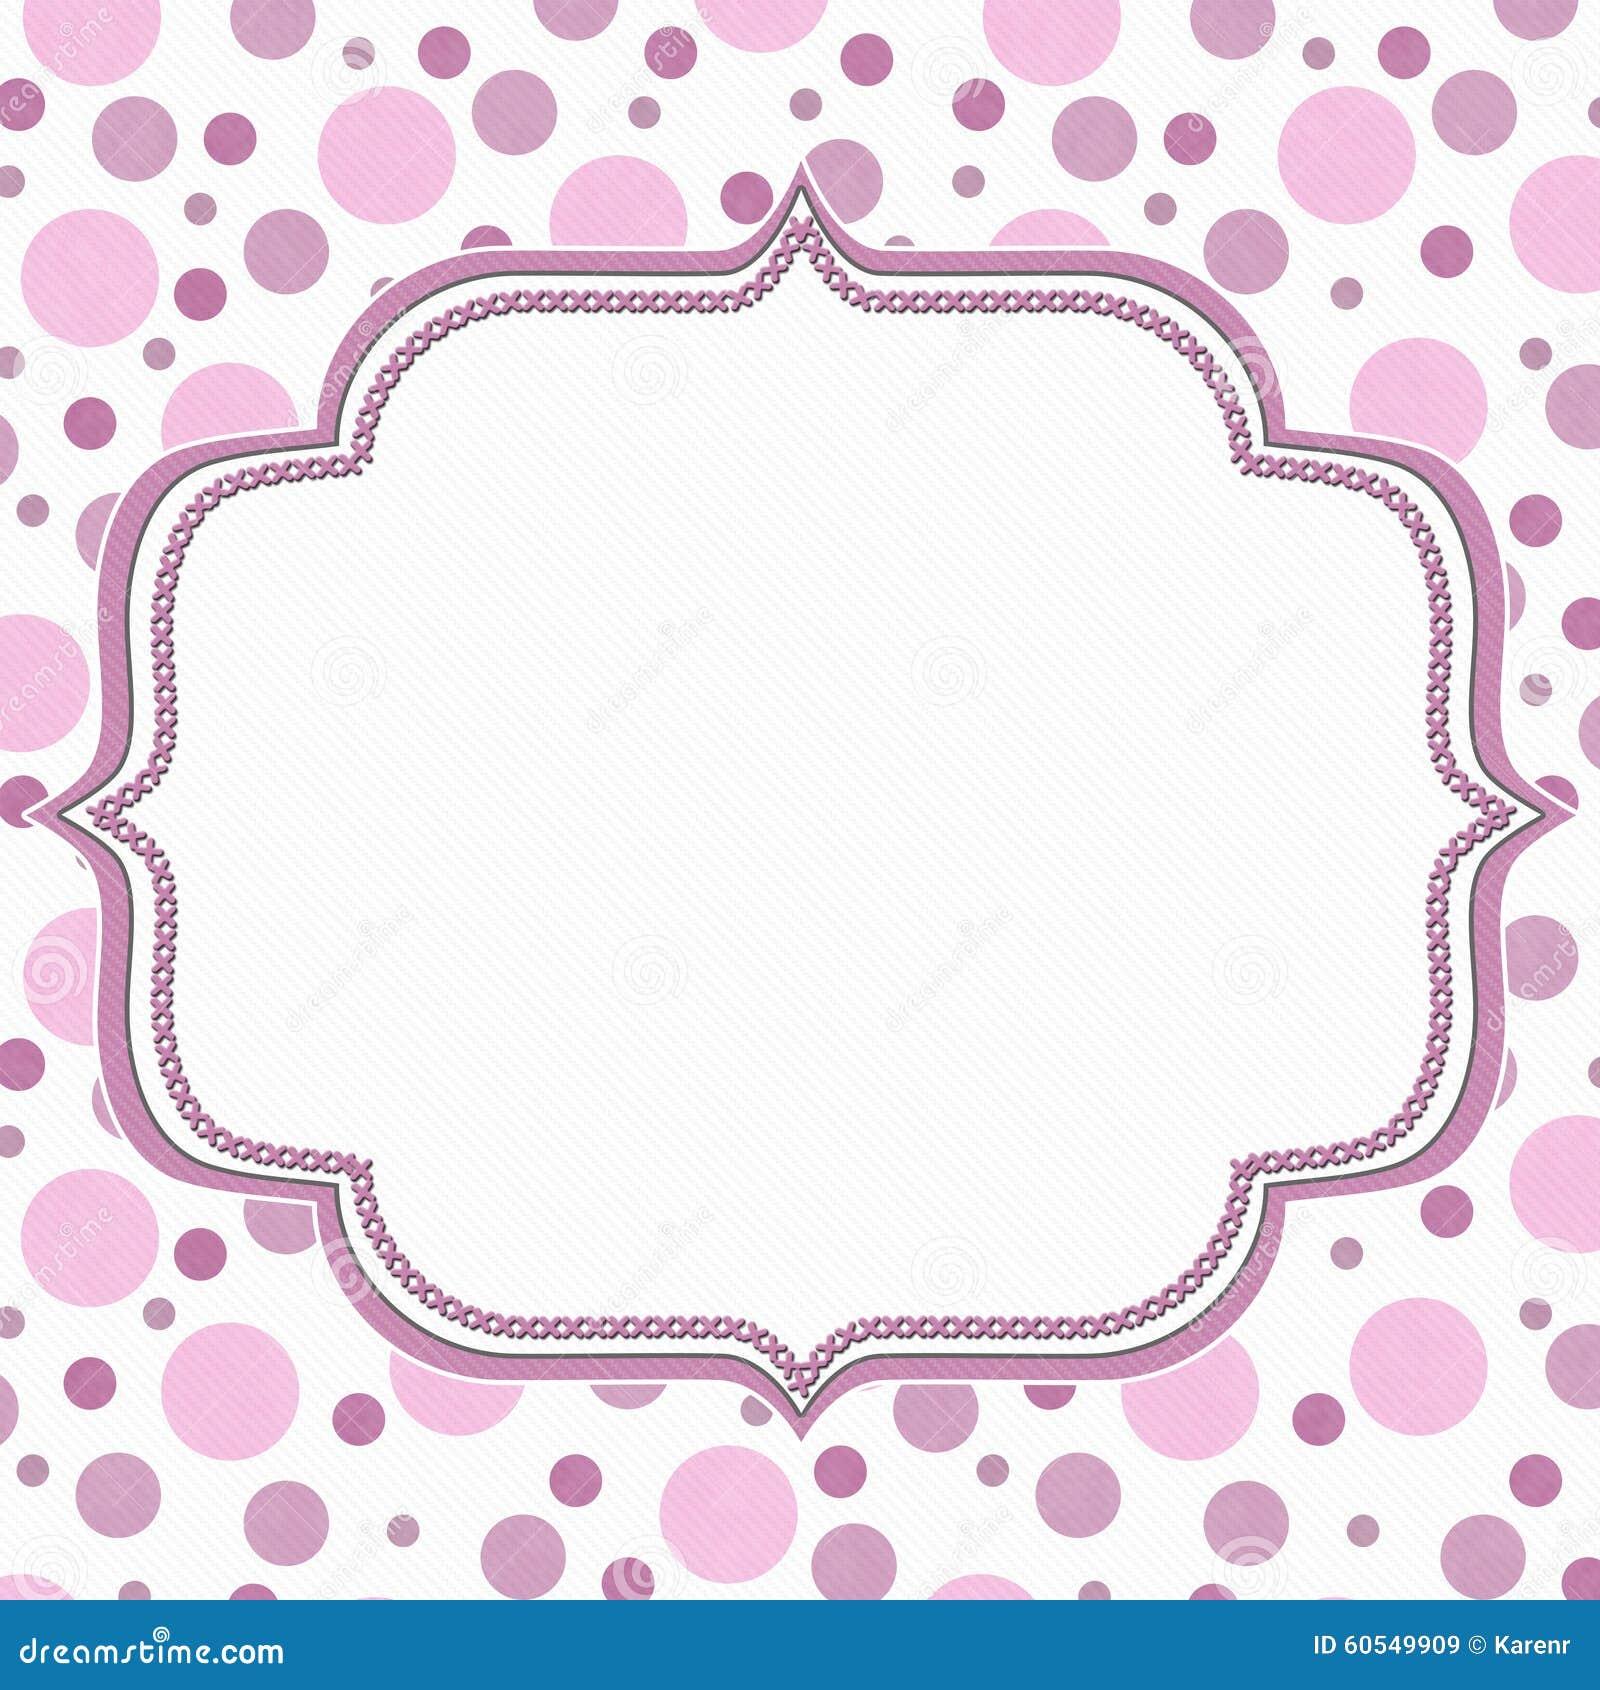 Pink And White Polka Dot Frame Background Stock Illustration ...